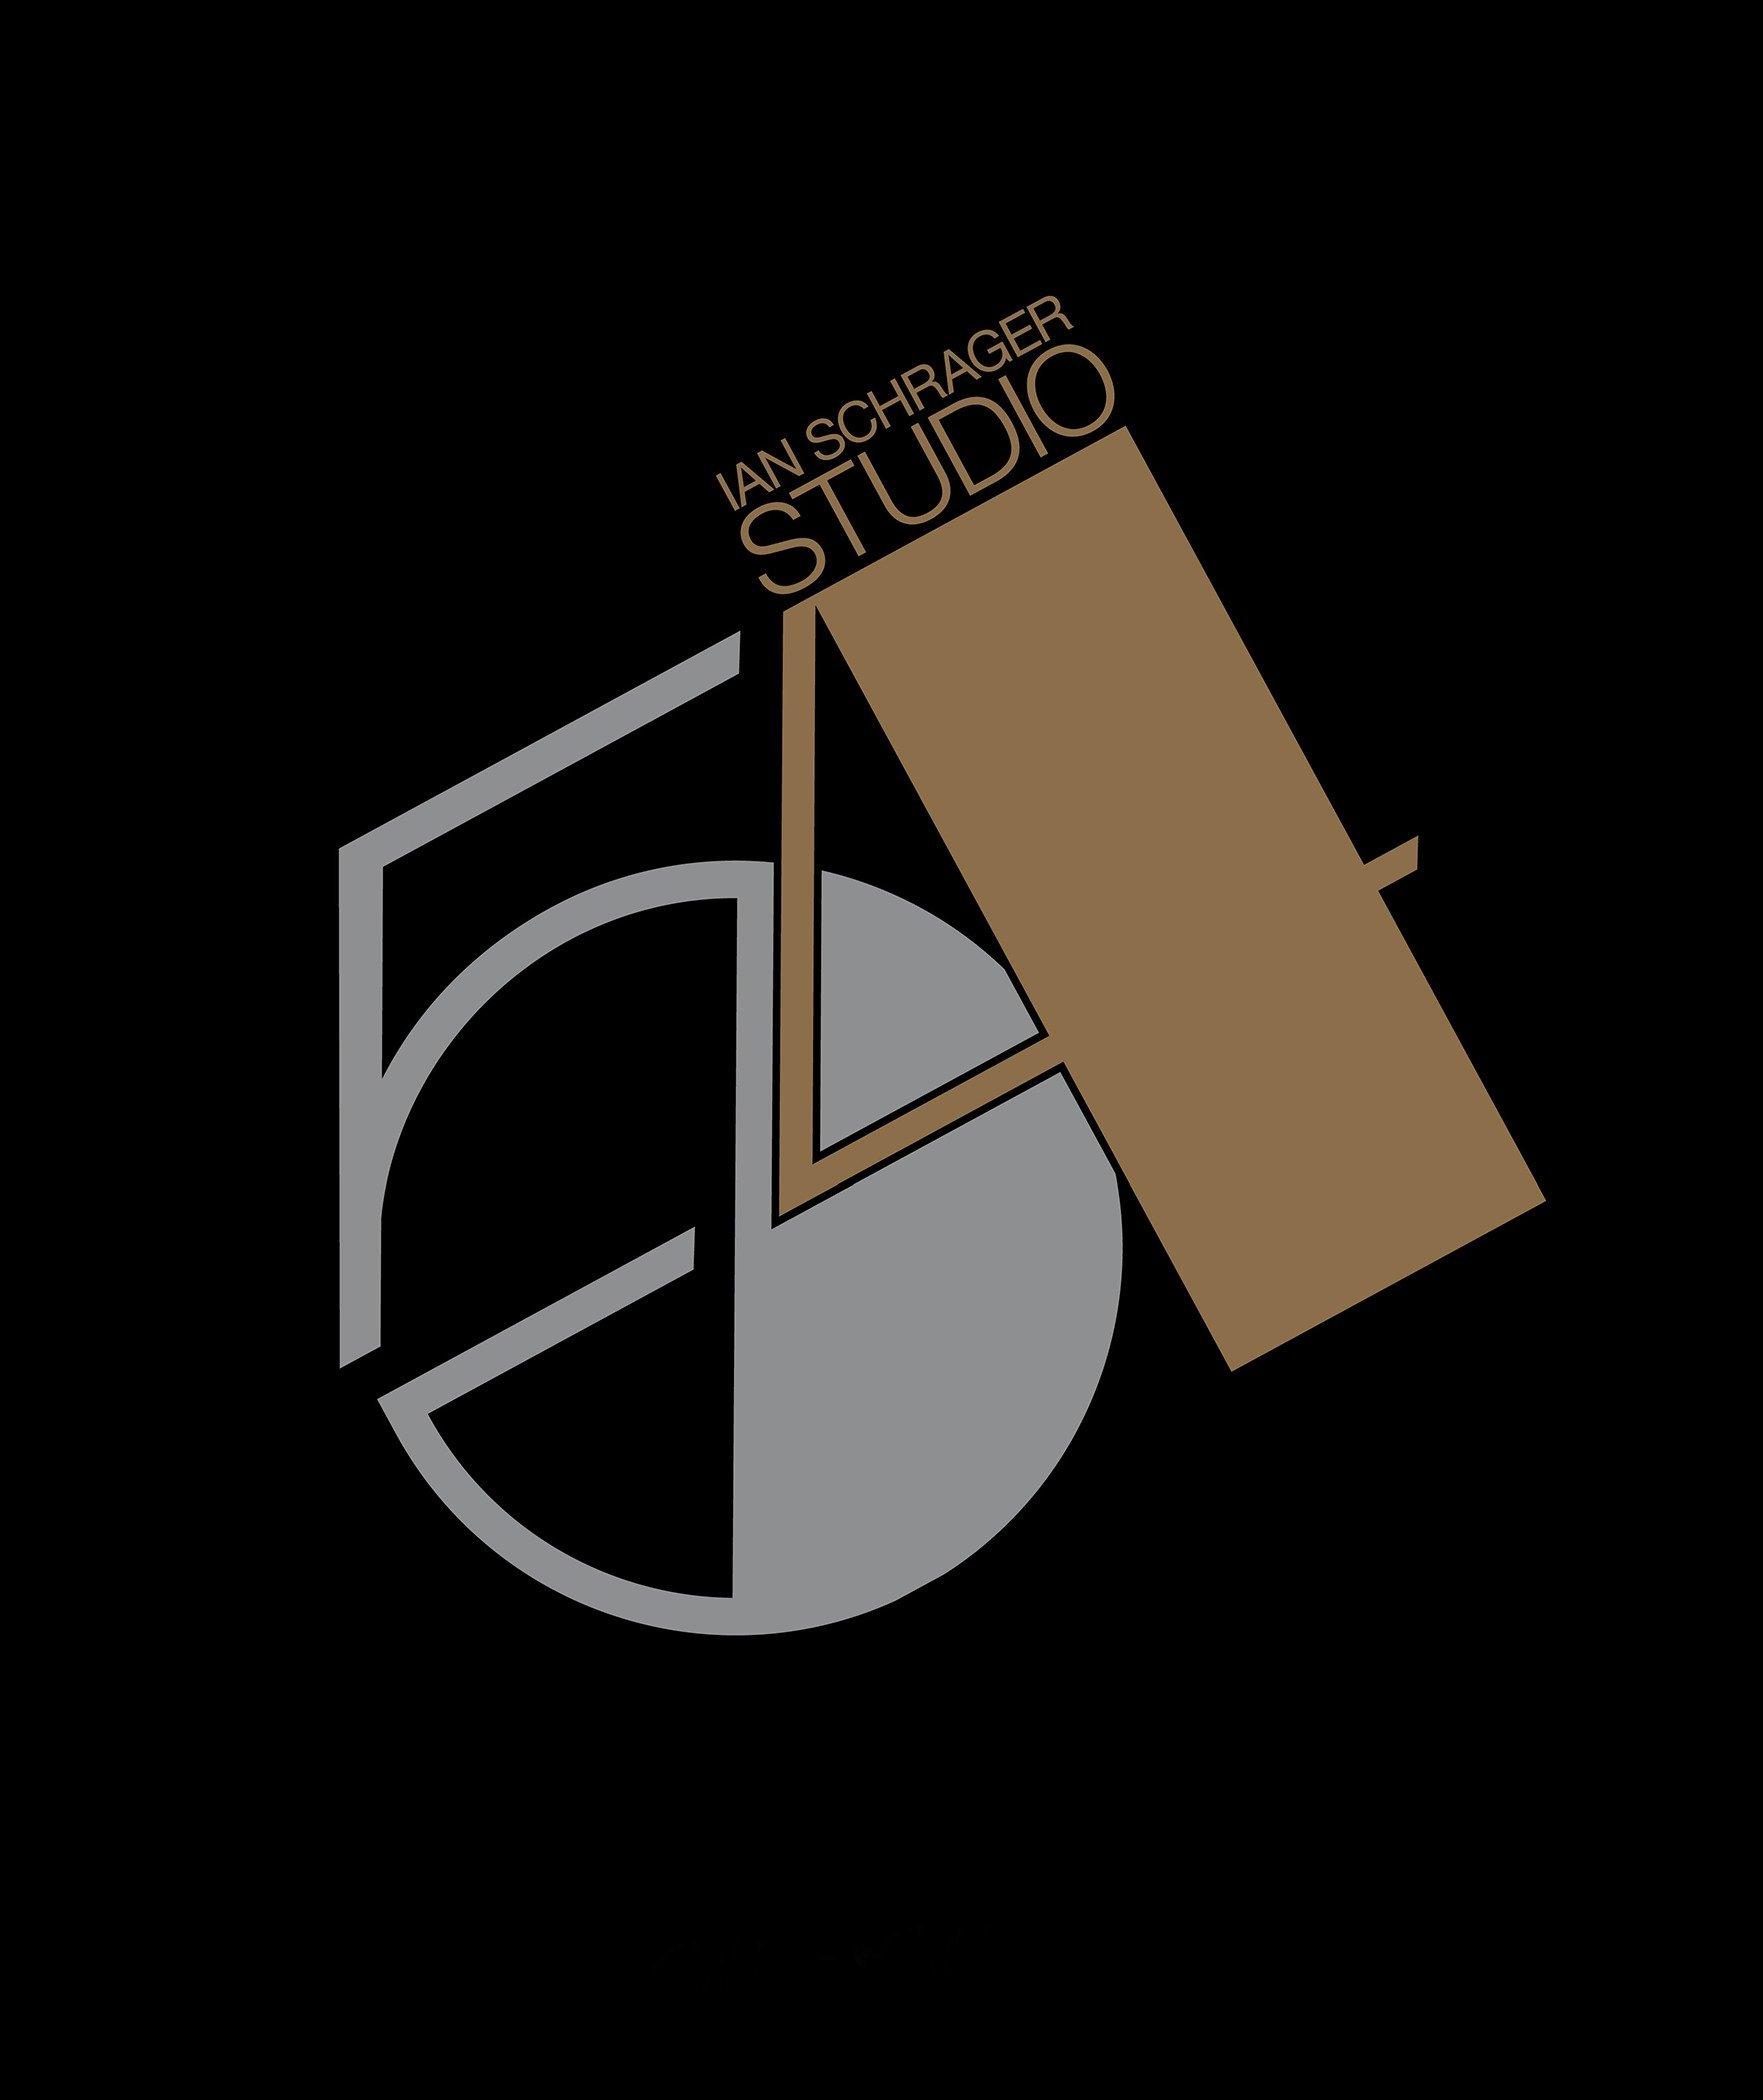 Studio 54 by Rizzoli